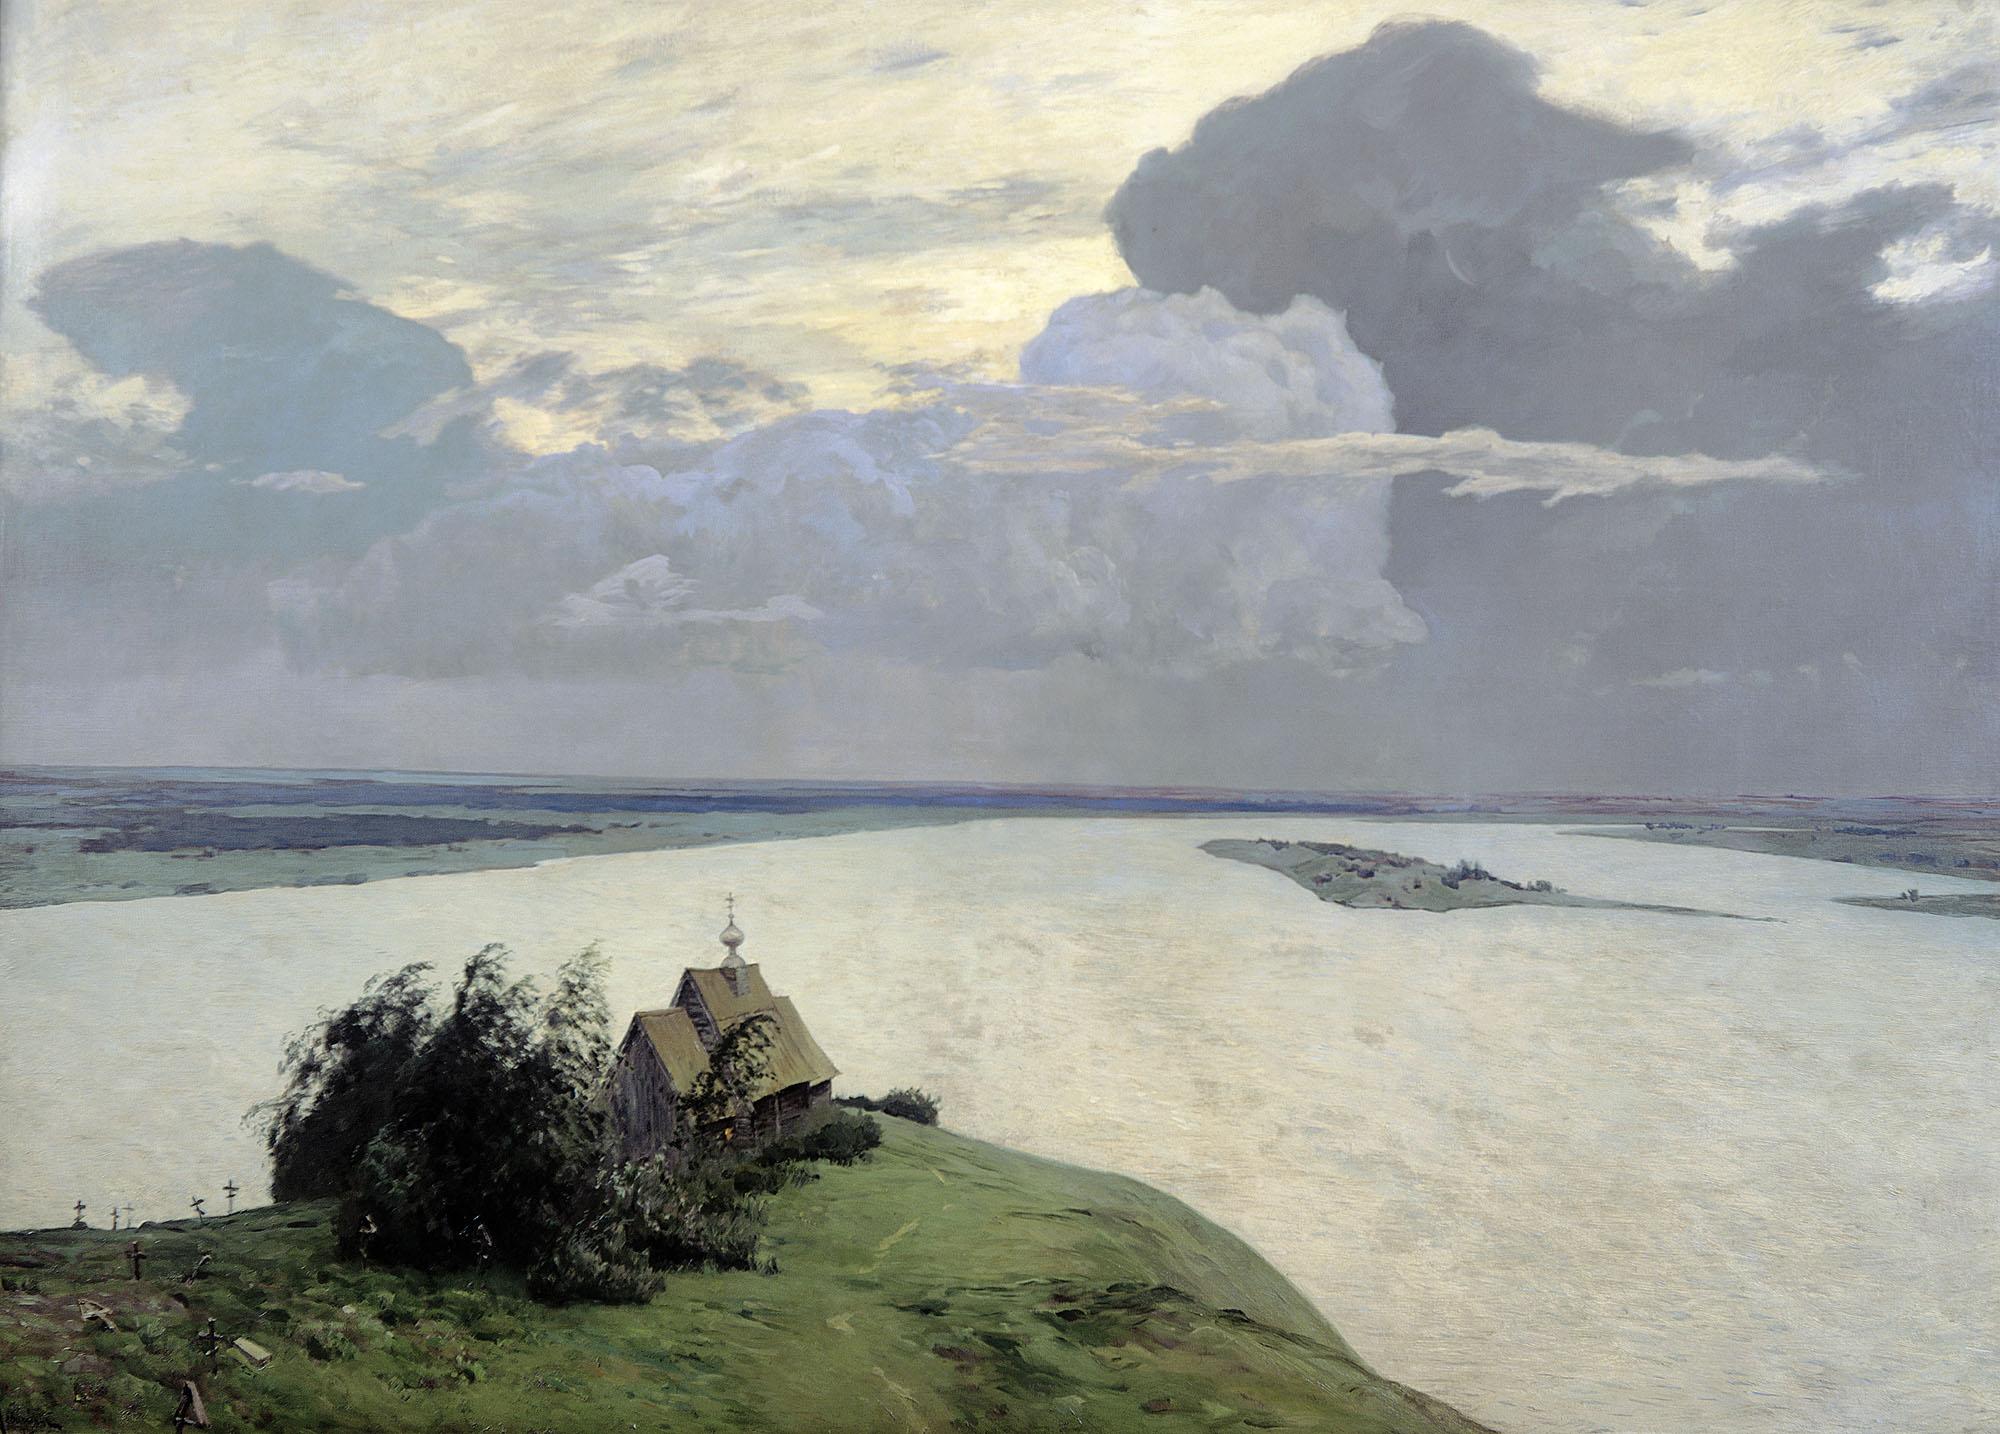 Исаак Левитан, 1894 год, картина «Над вечным покоем».